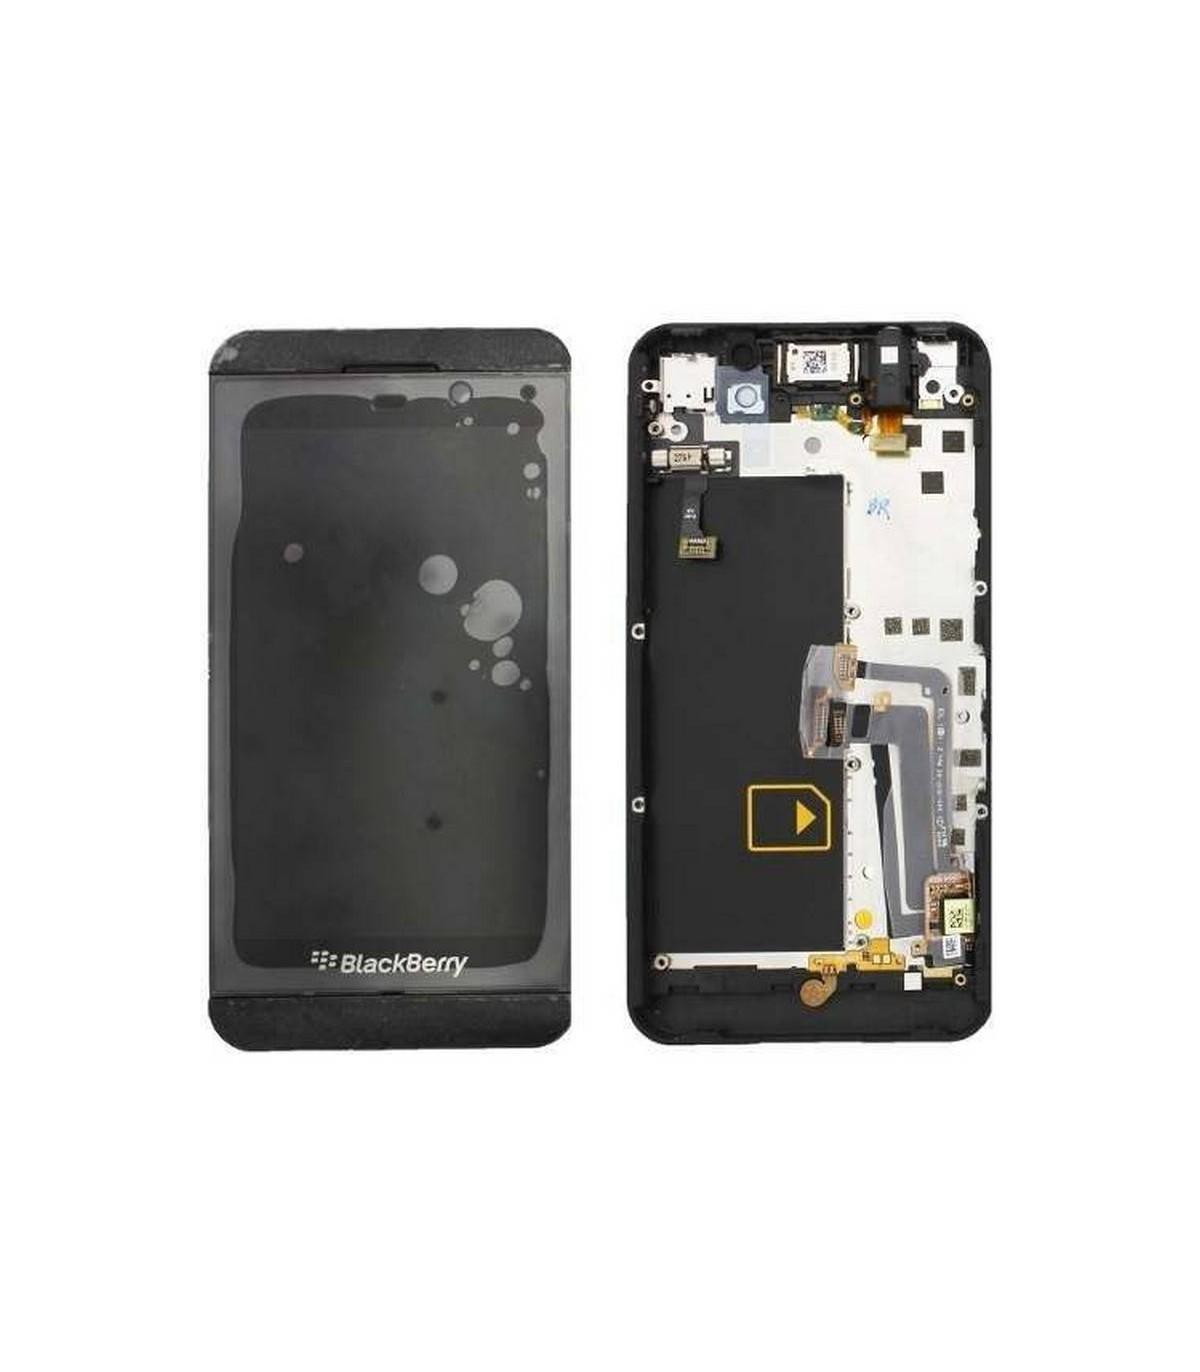 PANTALLA COMPLETA CON MARCO BLANCO PARA BLACKBERRY Z10 GSM